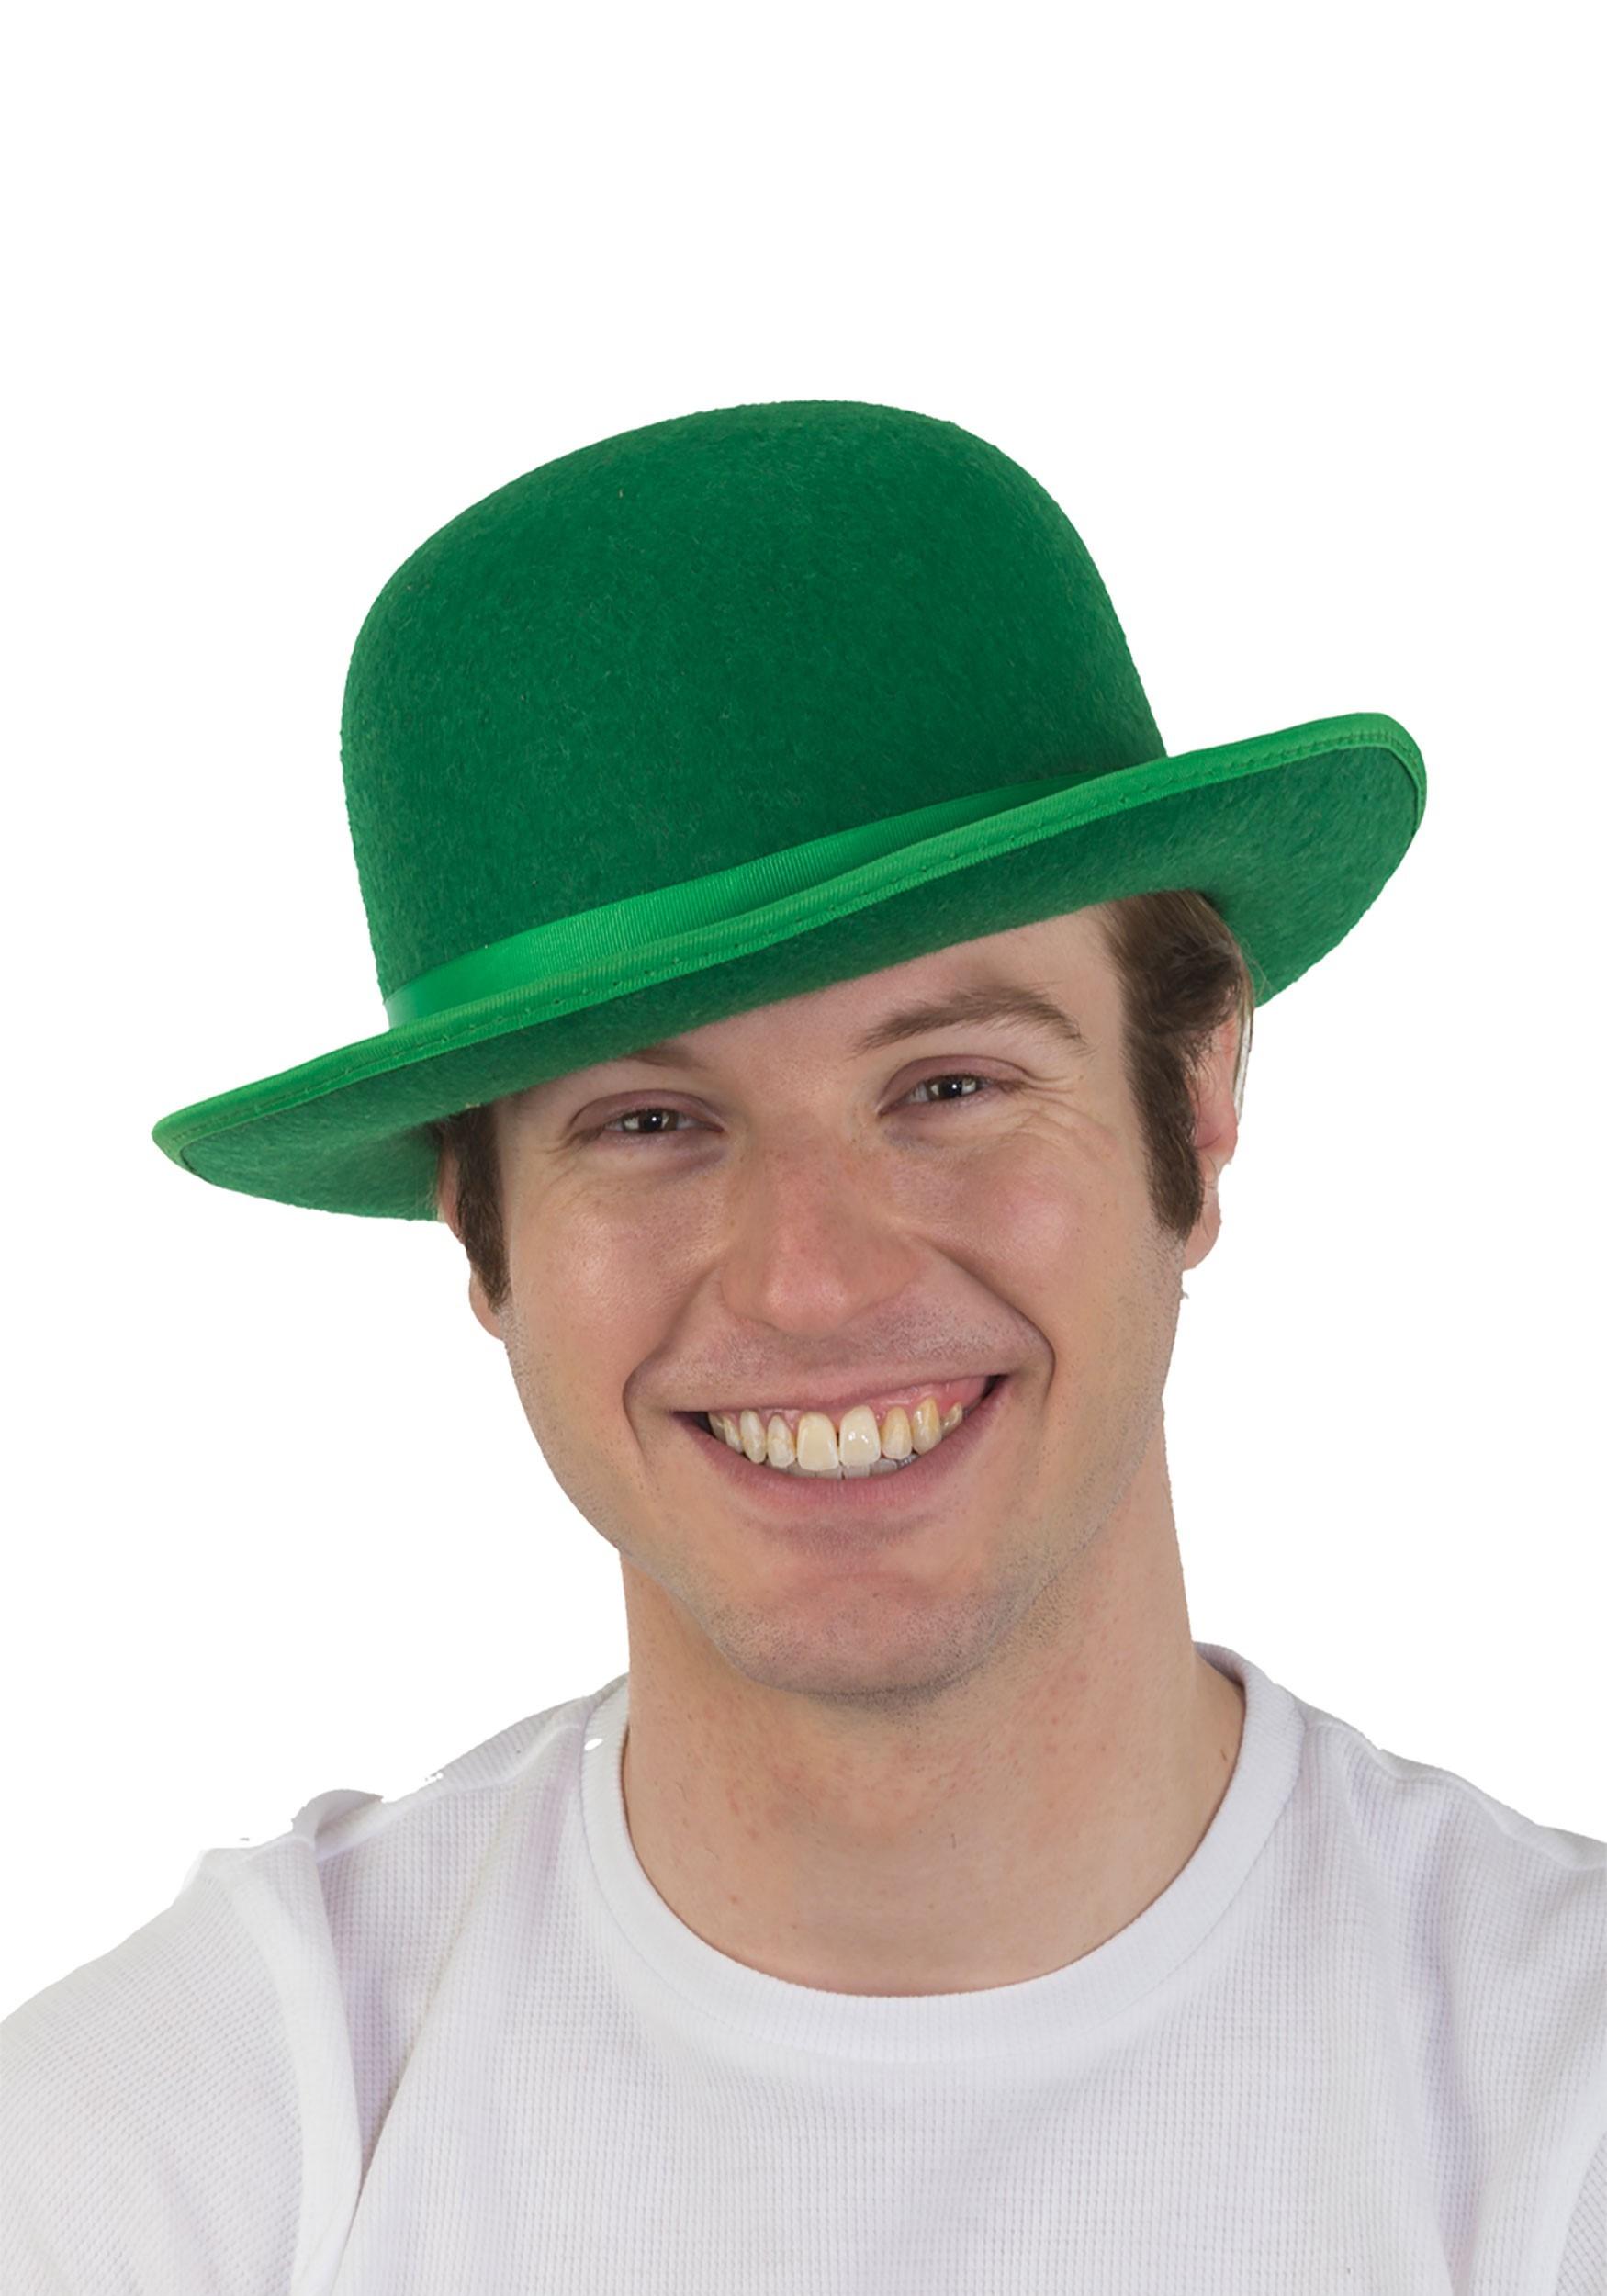 6dcc6b4b0 Green Derby Hat